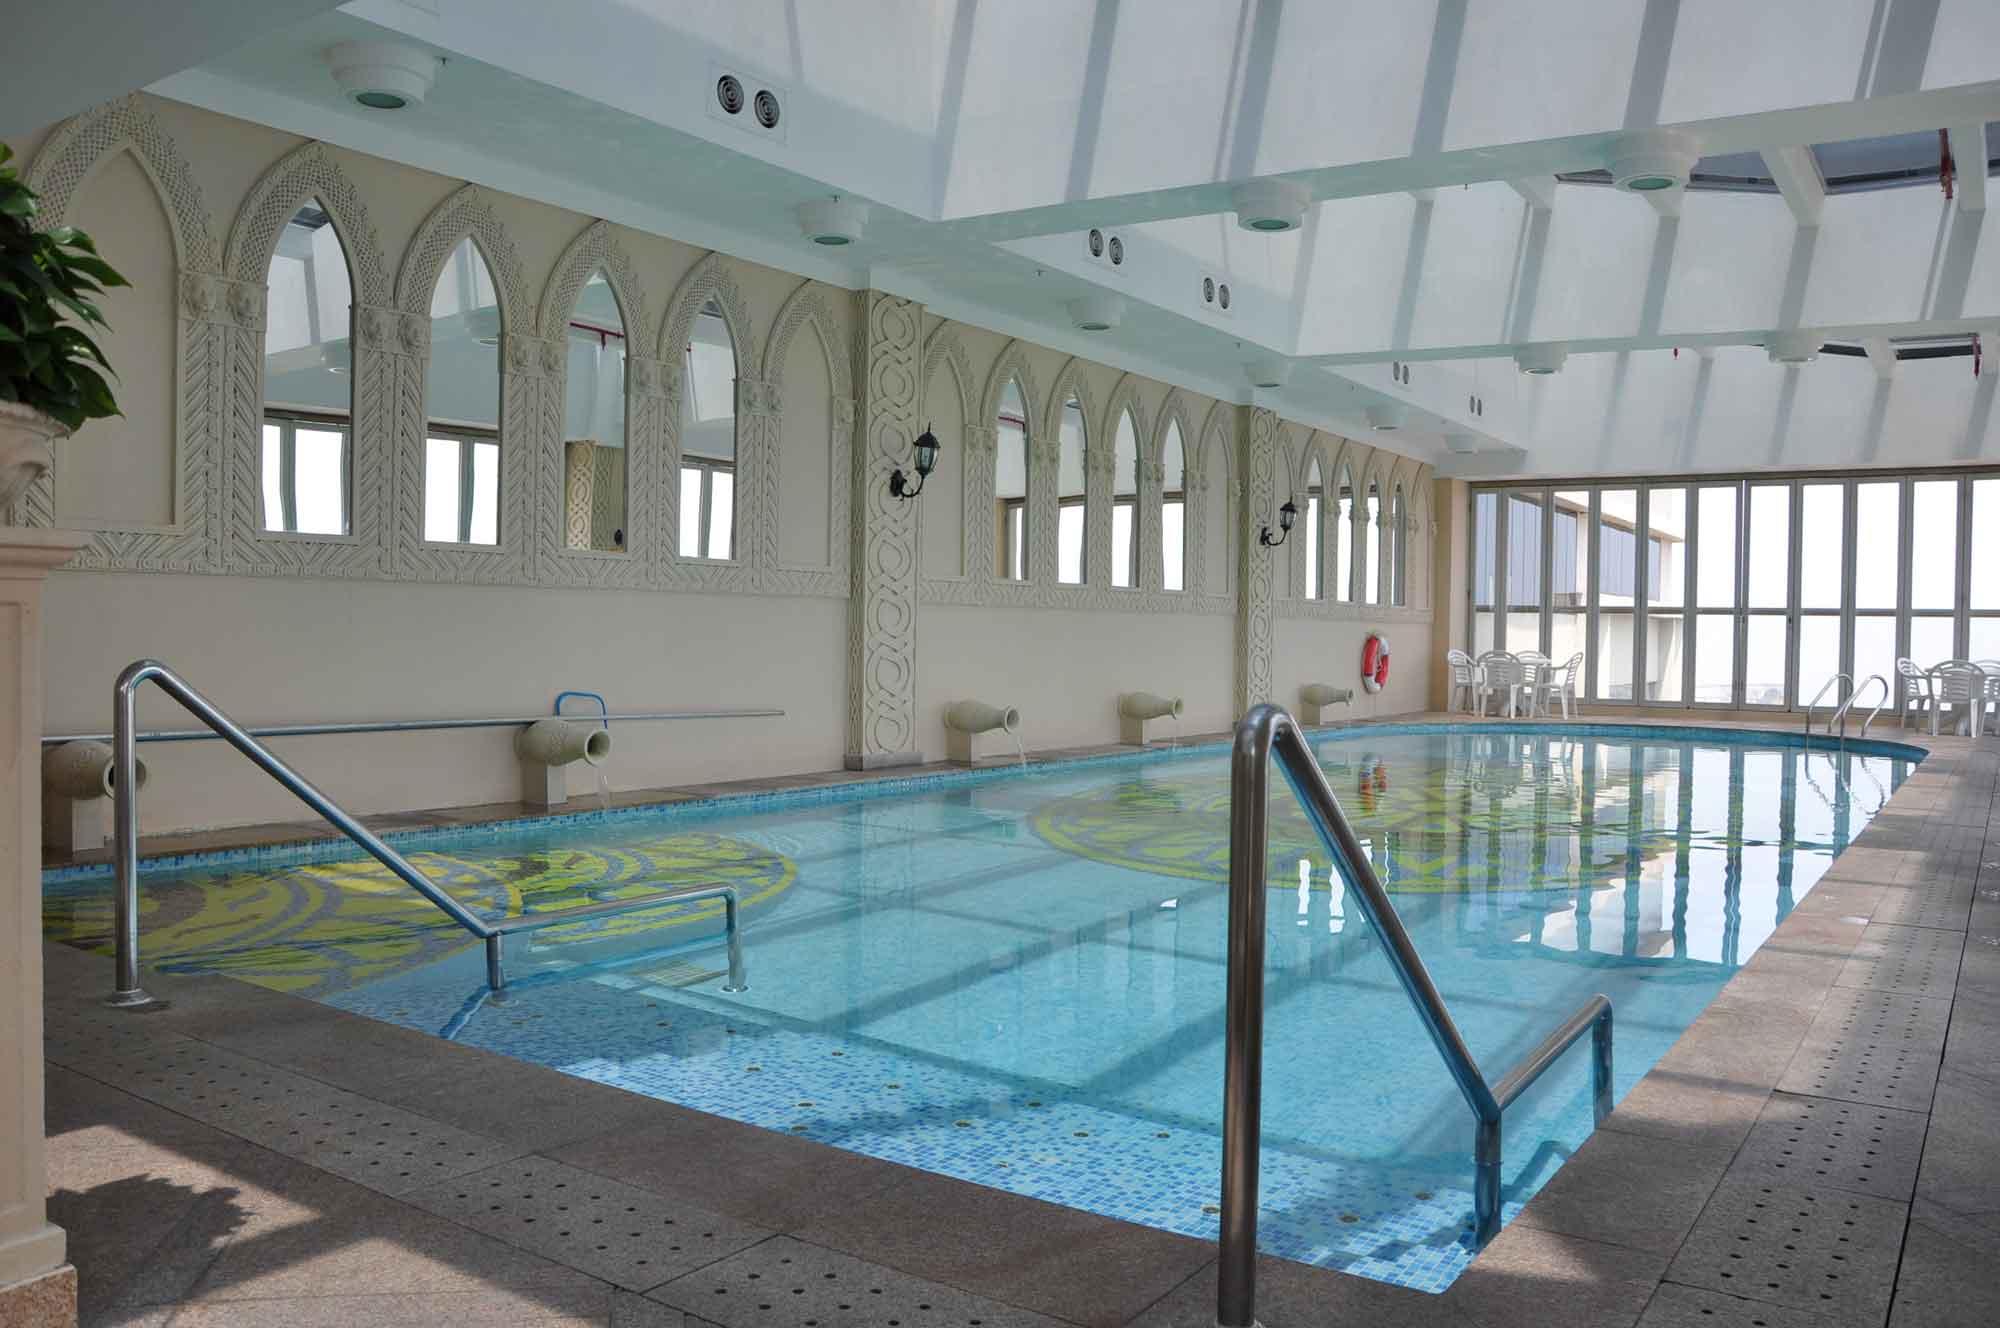 Rio Macau pool